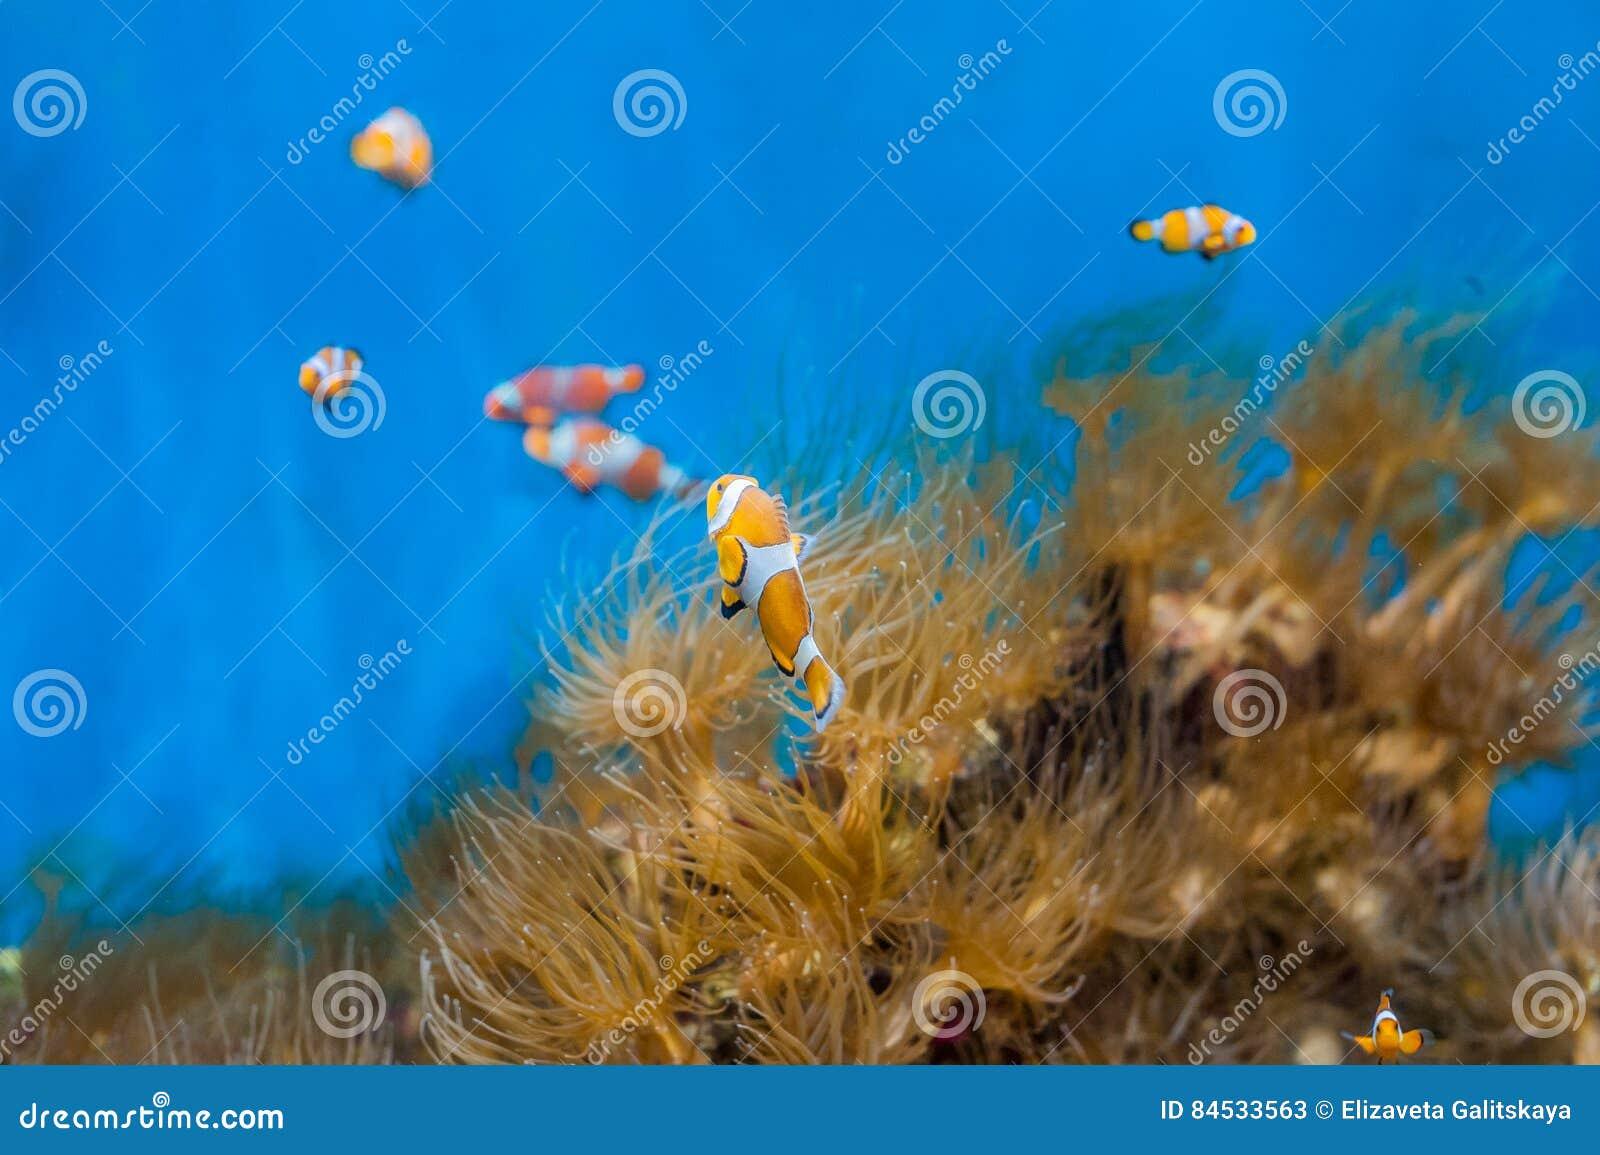 Ψάρια κλόουν και anemones σε ένα μπλε υπόβαθρο